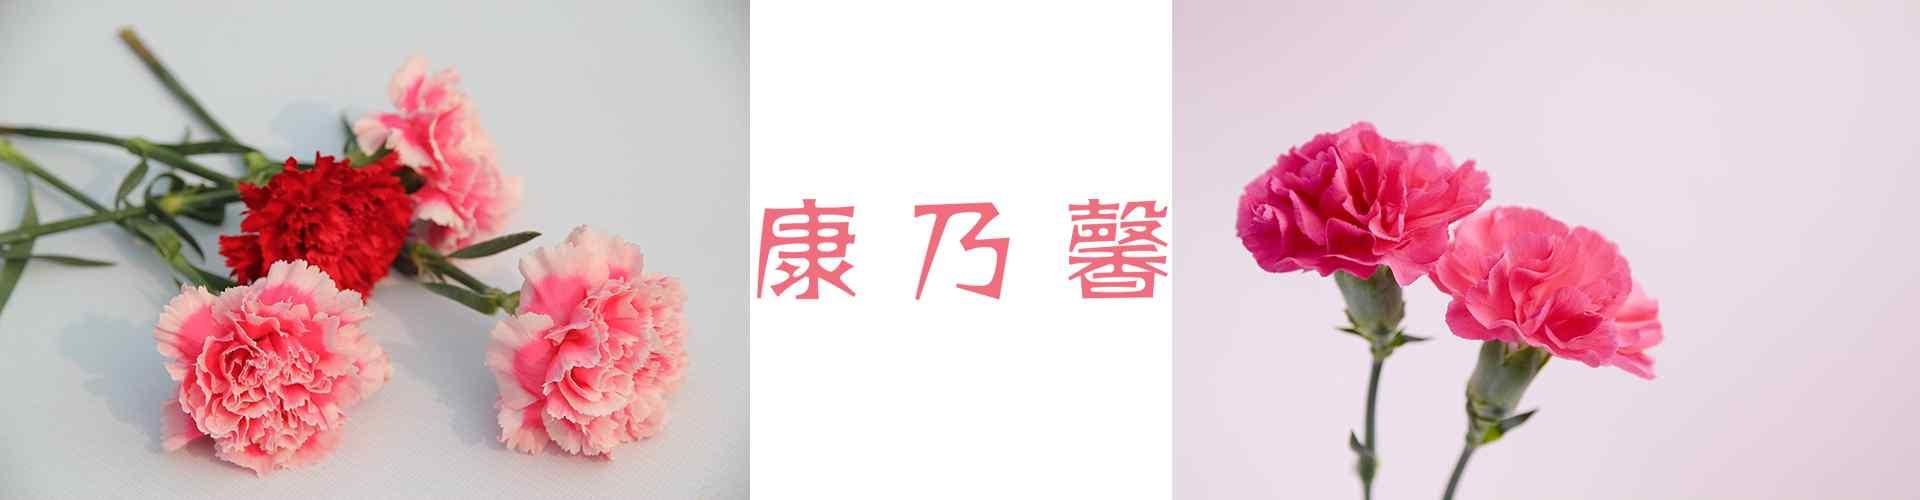 康乃馨_康乃馨图片_康乃馨花语_小清新康乃馨图片_康乃馨手机壁纸、桌面壁纸_植物壁纸